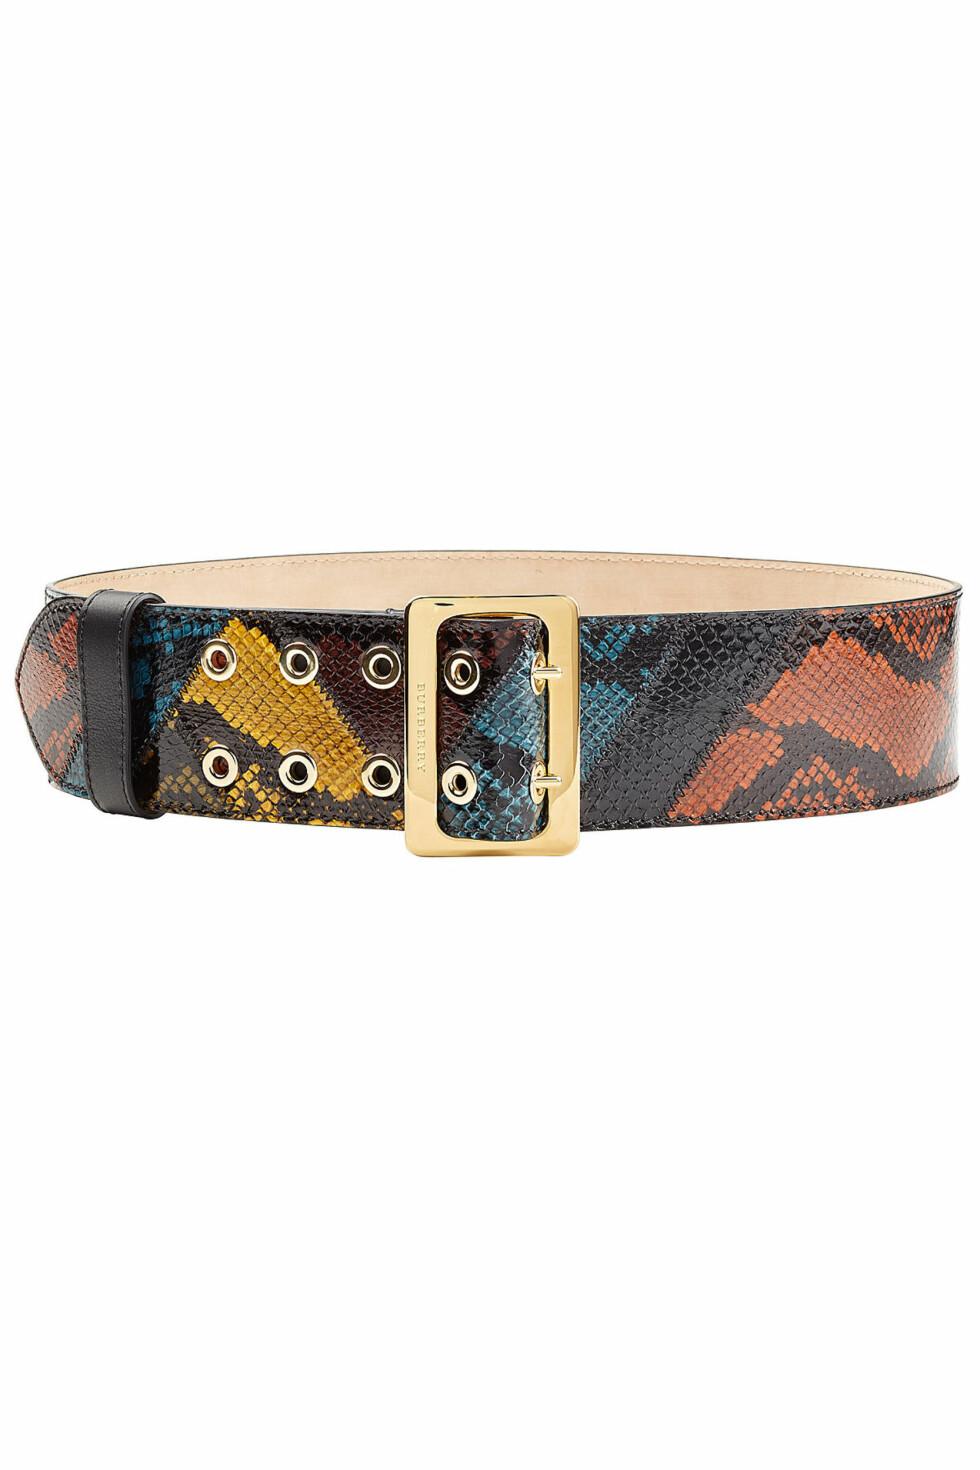 Belte fra Burberry via Stylebop.com | kr 4864 | https://www.stylebop.com/en-us/women/snakeskin-belt-258937.html